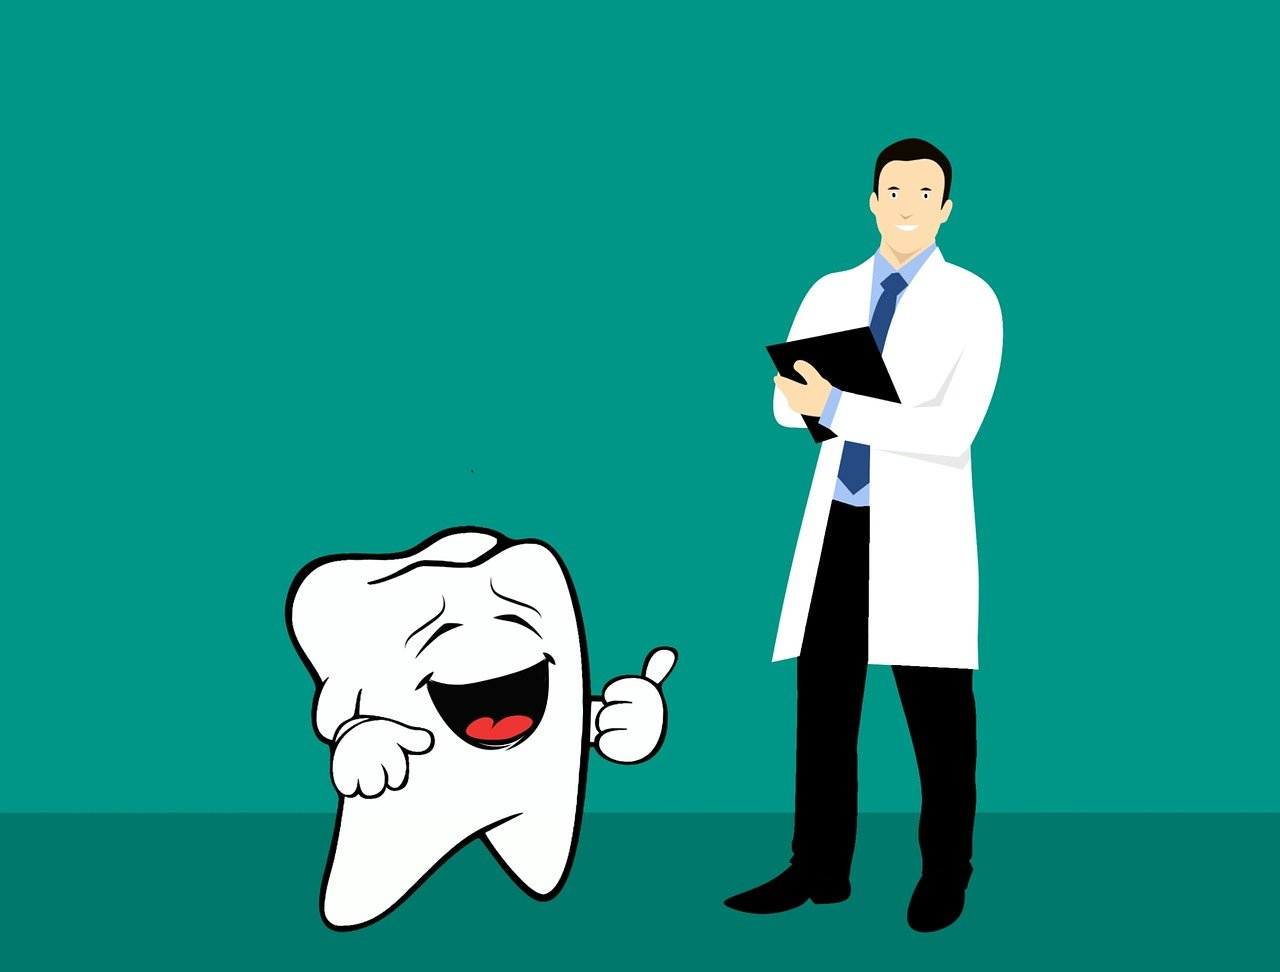 אילו הכנות צריך לעשות להשתלת שיניים ממוחשבת